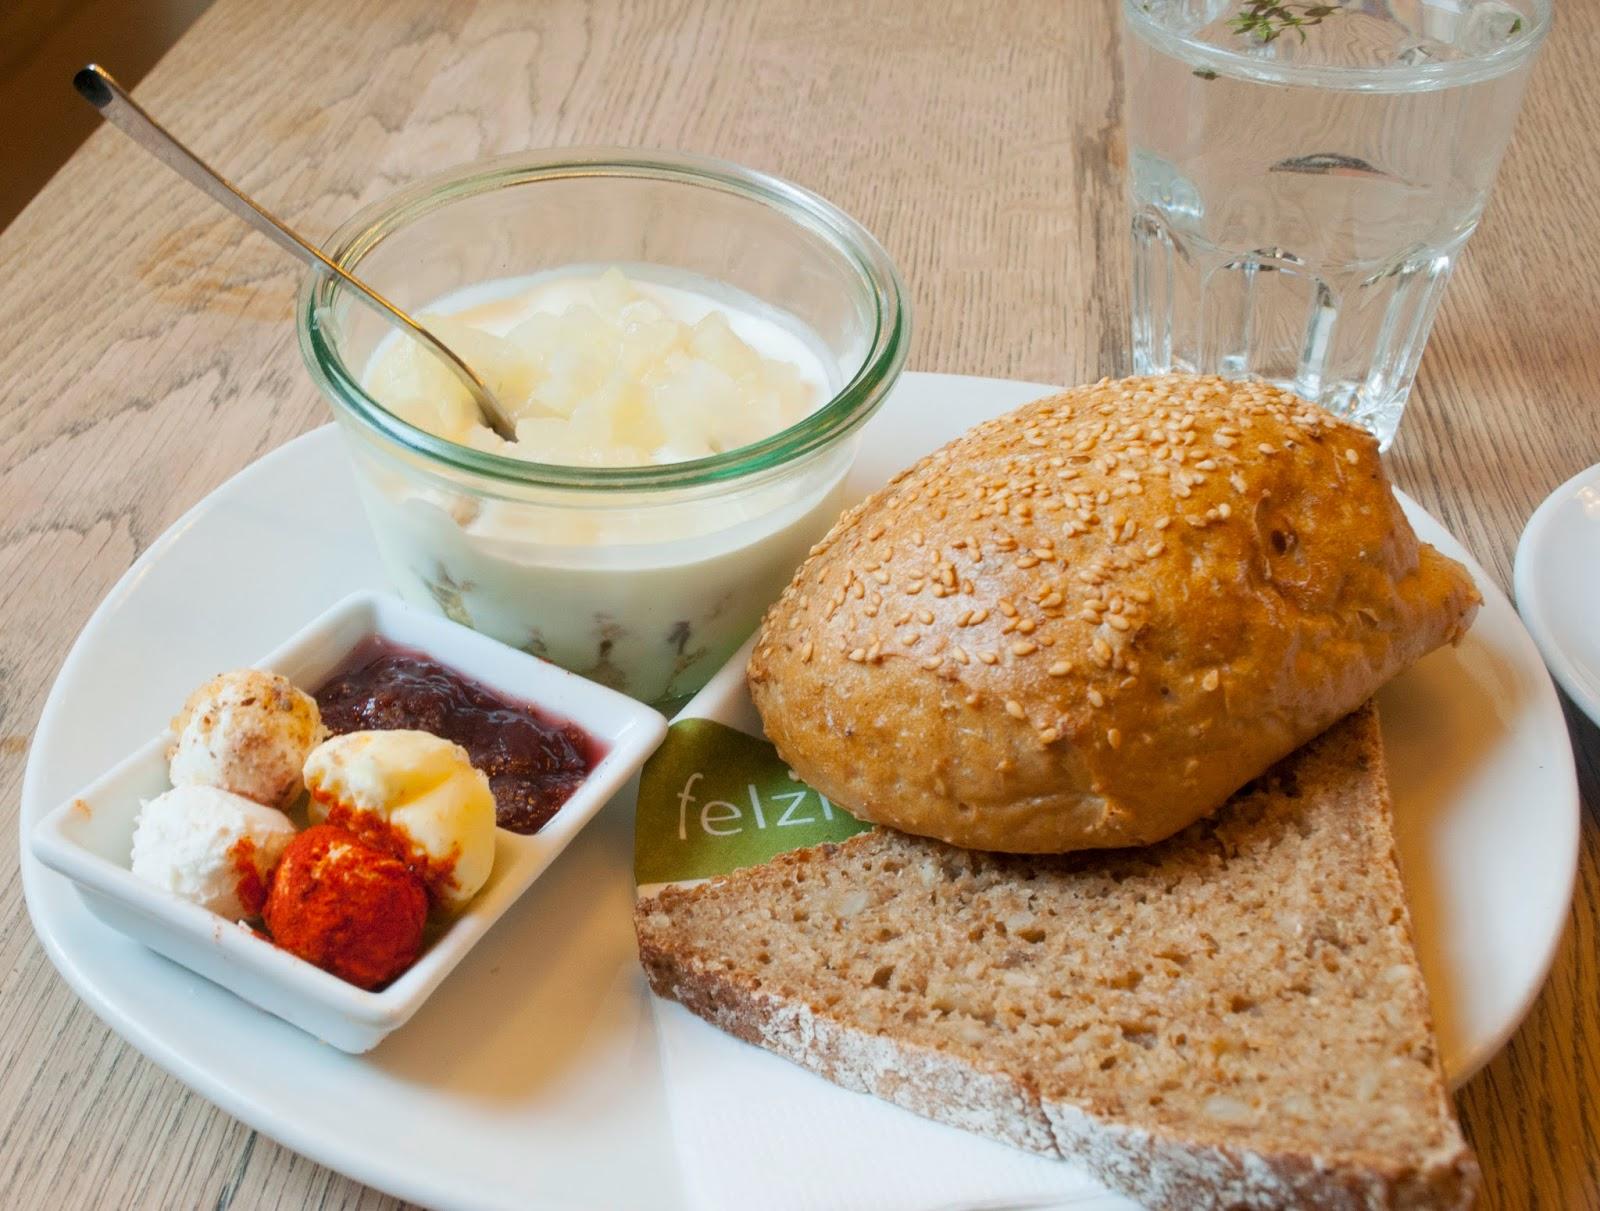 Mini Blogst 2014 Wien Bäckereich Fell Vienna Städtetrip Getaway Frühstück Weekend Wochenende Breakfast